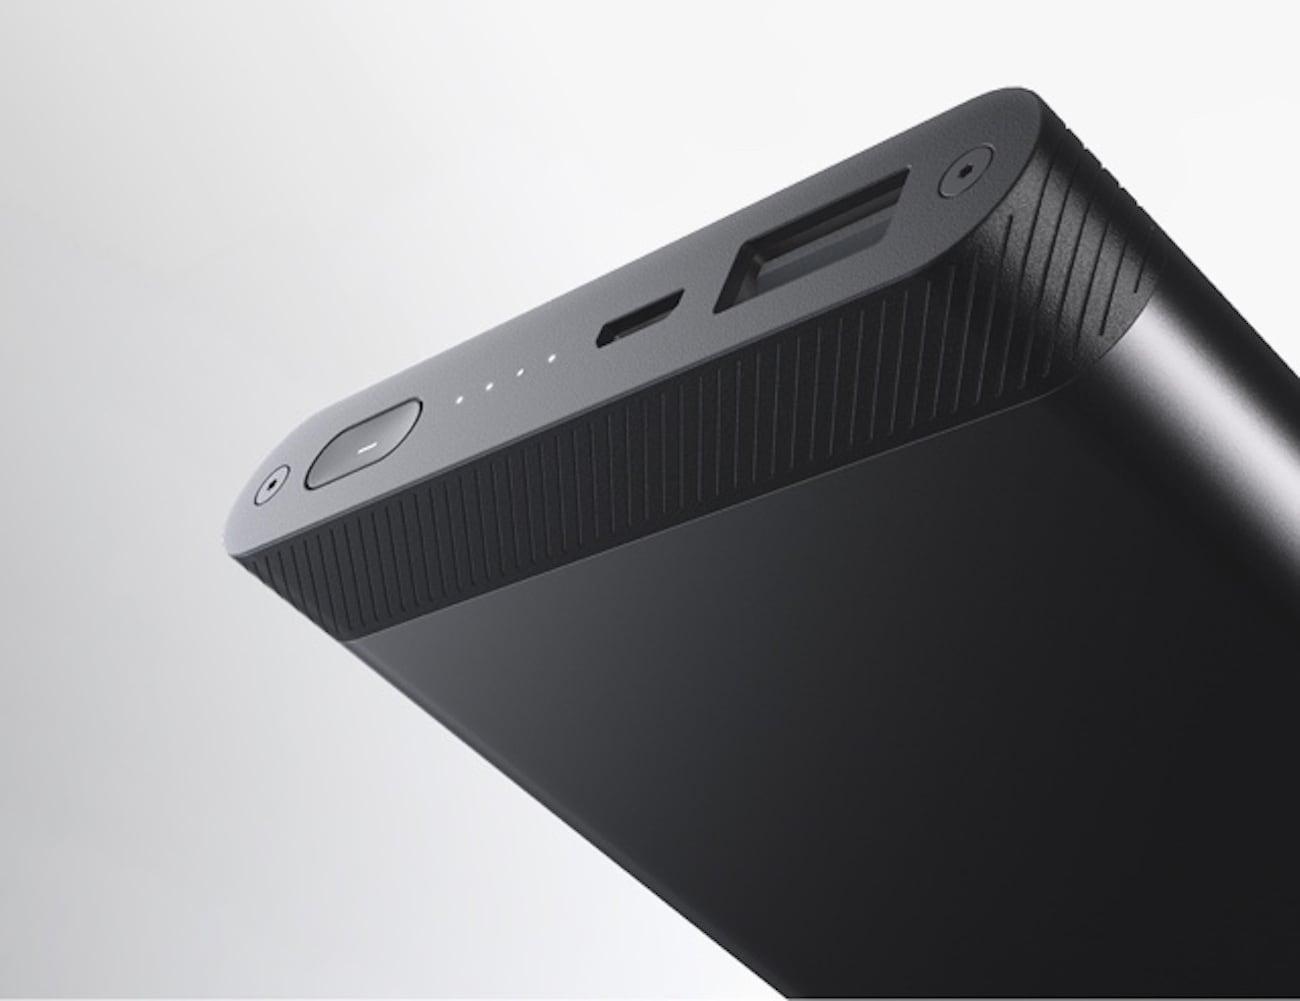 Bluesmart S2 Trackable Laptop Bag